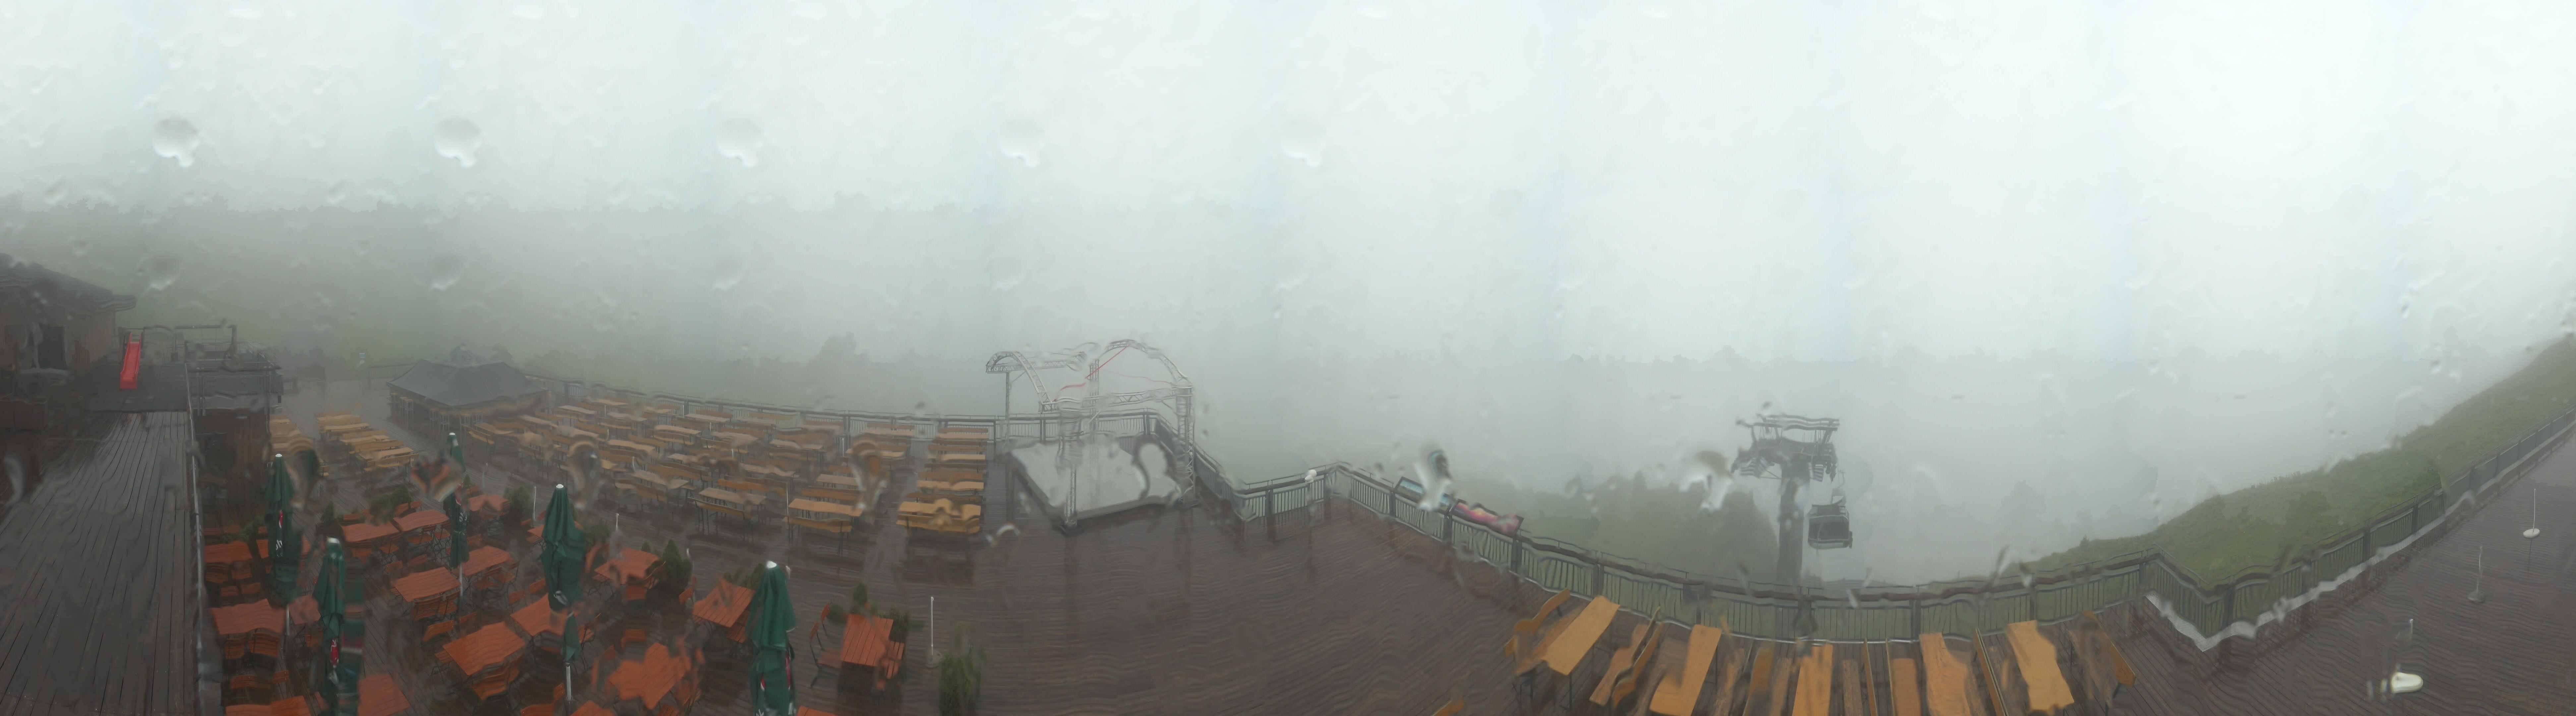 Diedamskopf: Panorama Bergstation Seilbahn